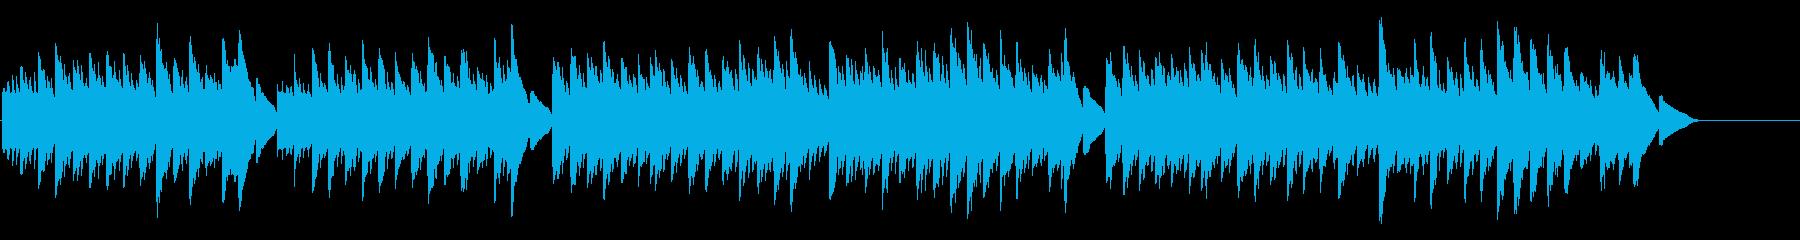 キラキラ星変奏曲(Var Ⅱ)オルゴールの再生済みの波形